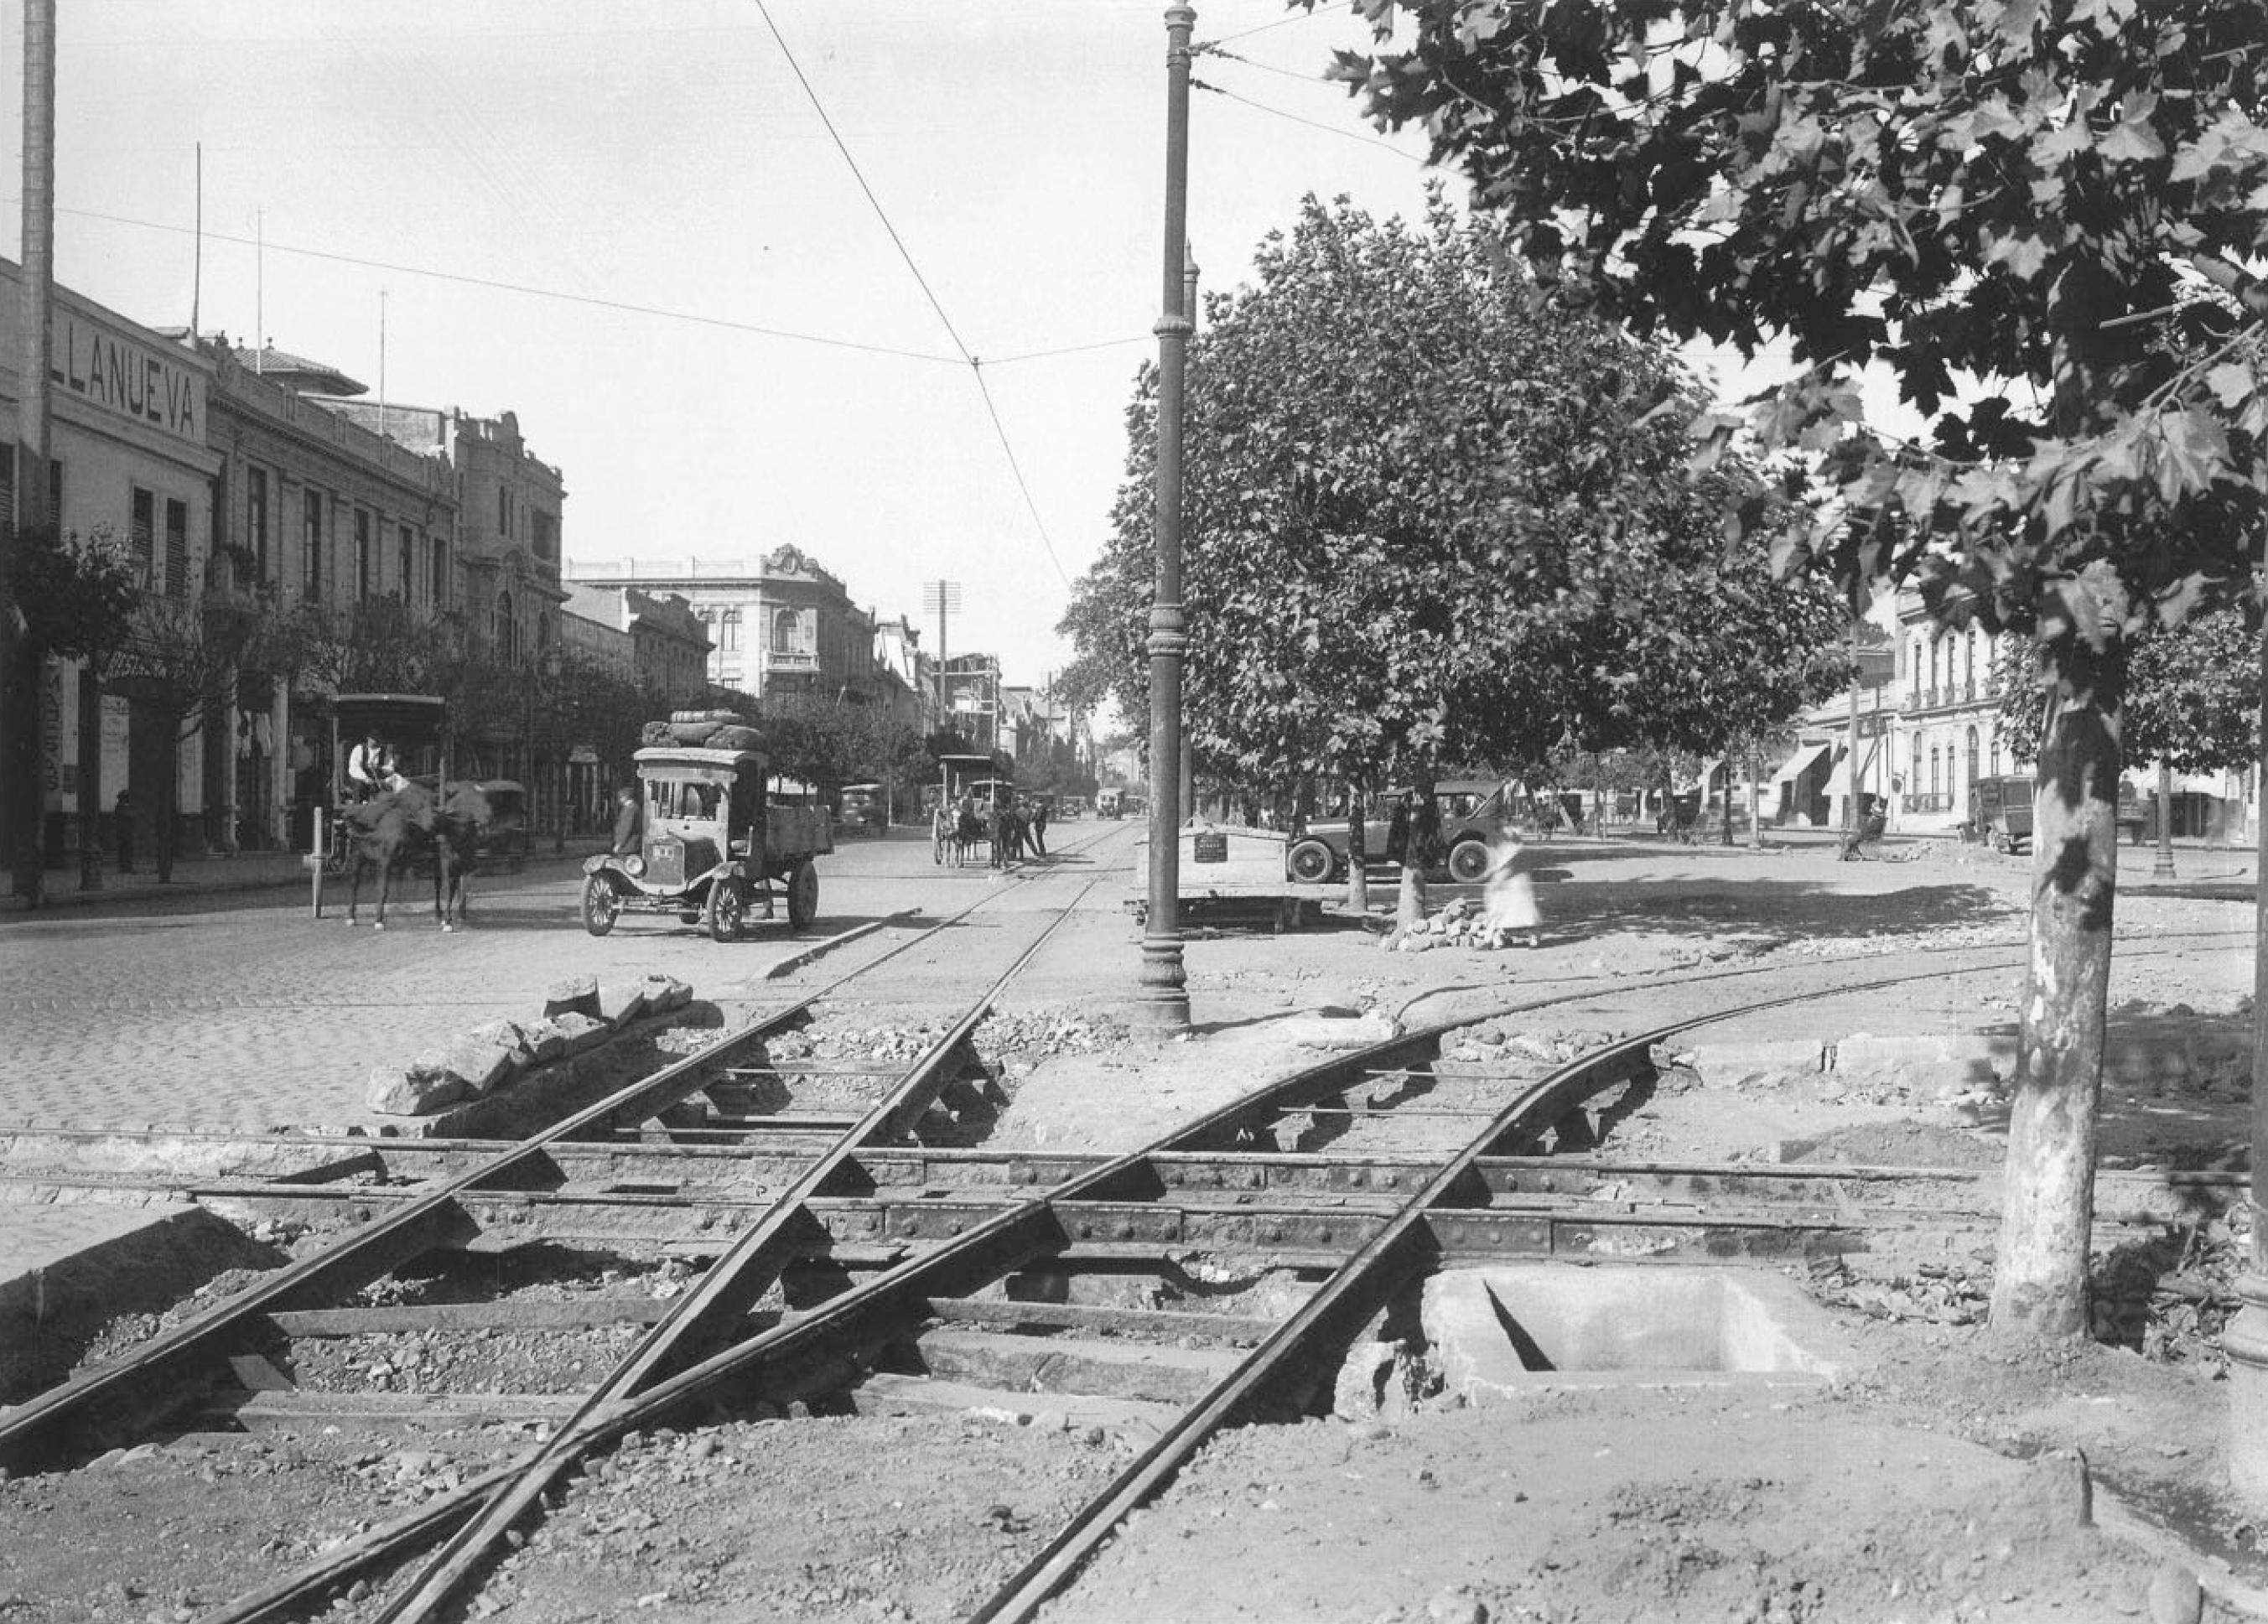 Enterreno - Fotos históricas de chile - fotos antiguas de Chile - Alameda con Libertad en 1928